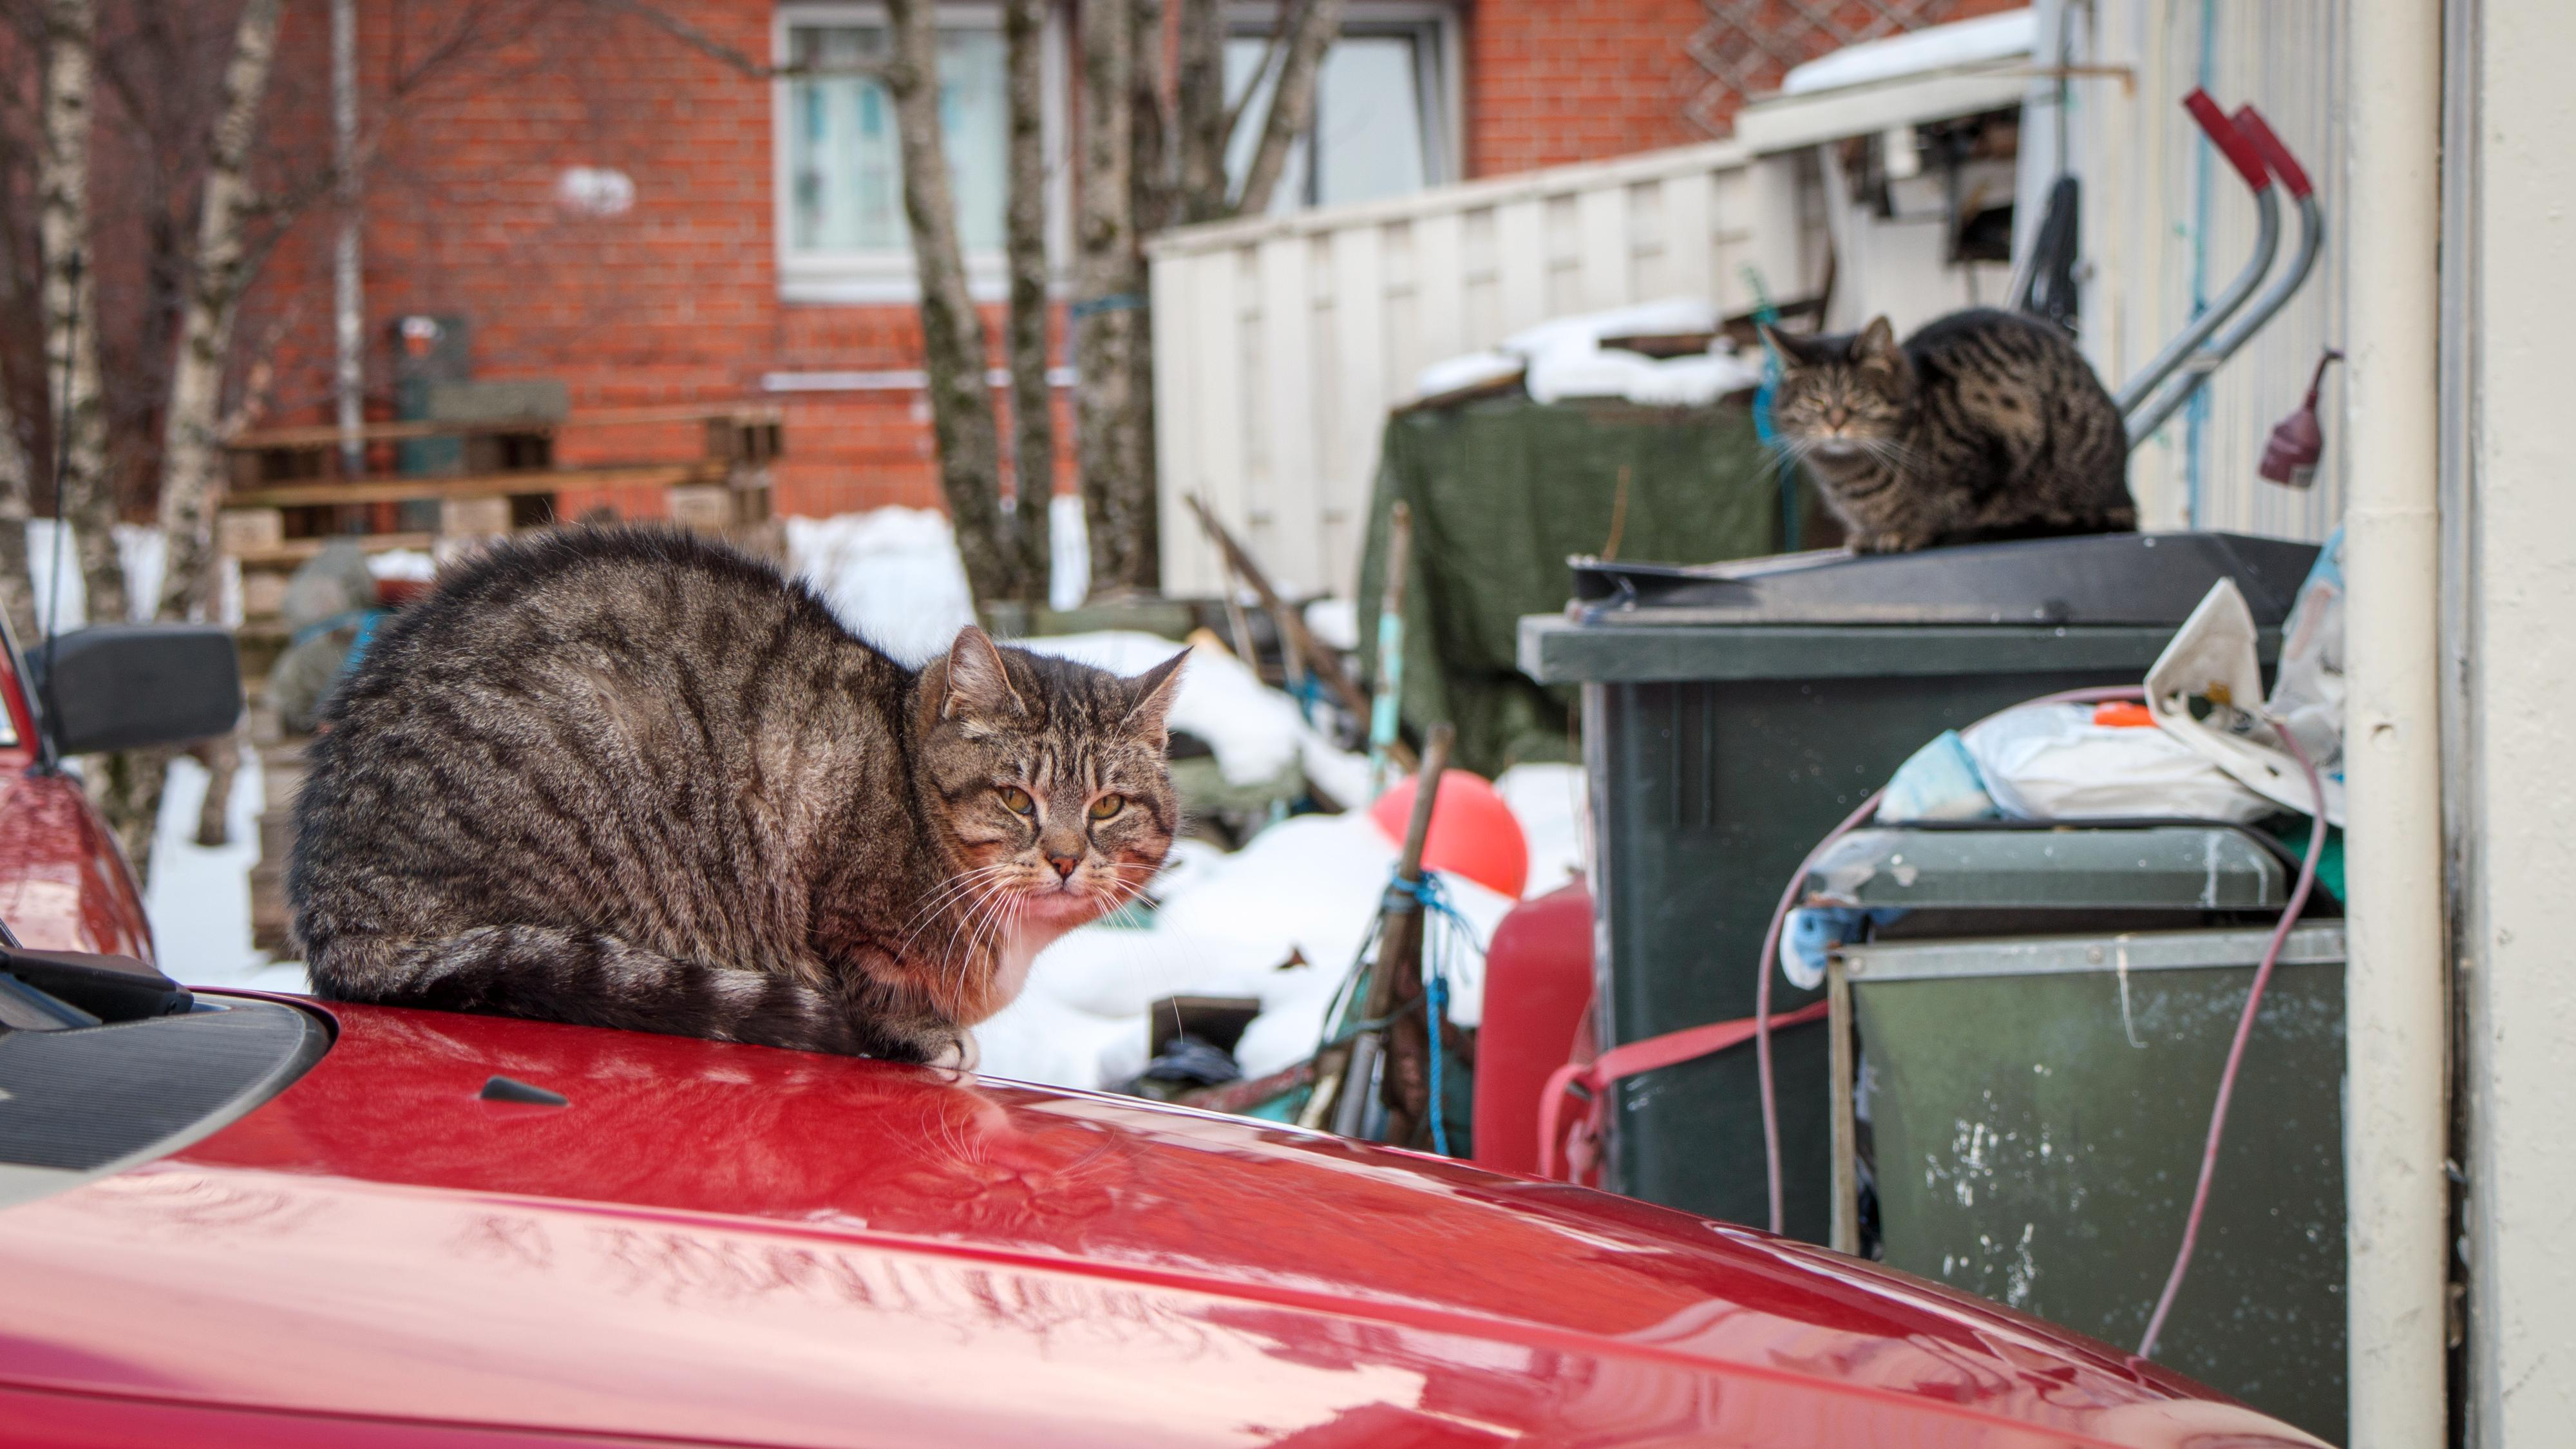 Et godt kameragrep er fint å ha når du skal bruke kameraet håndholdt med tung optikk i lengre perioder, som for eksempel hvis du fotograferer dyreliv uten å ha med stativ. For å spionere på naboens katter derimot... 1/125s - f/6.3 - ISO 160. Behandlet fra råformat.